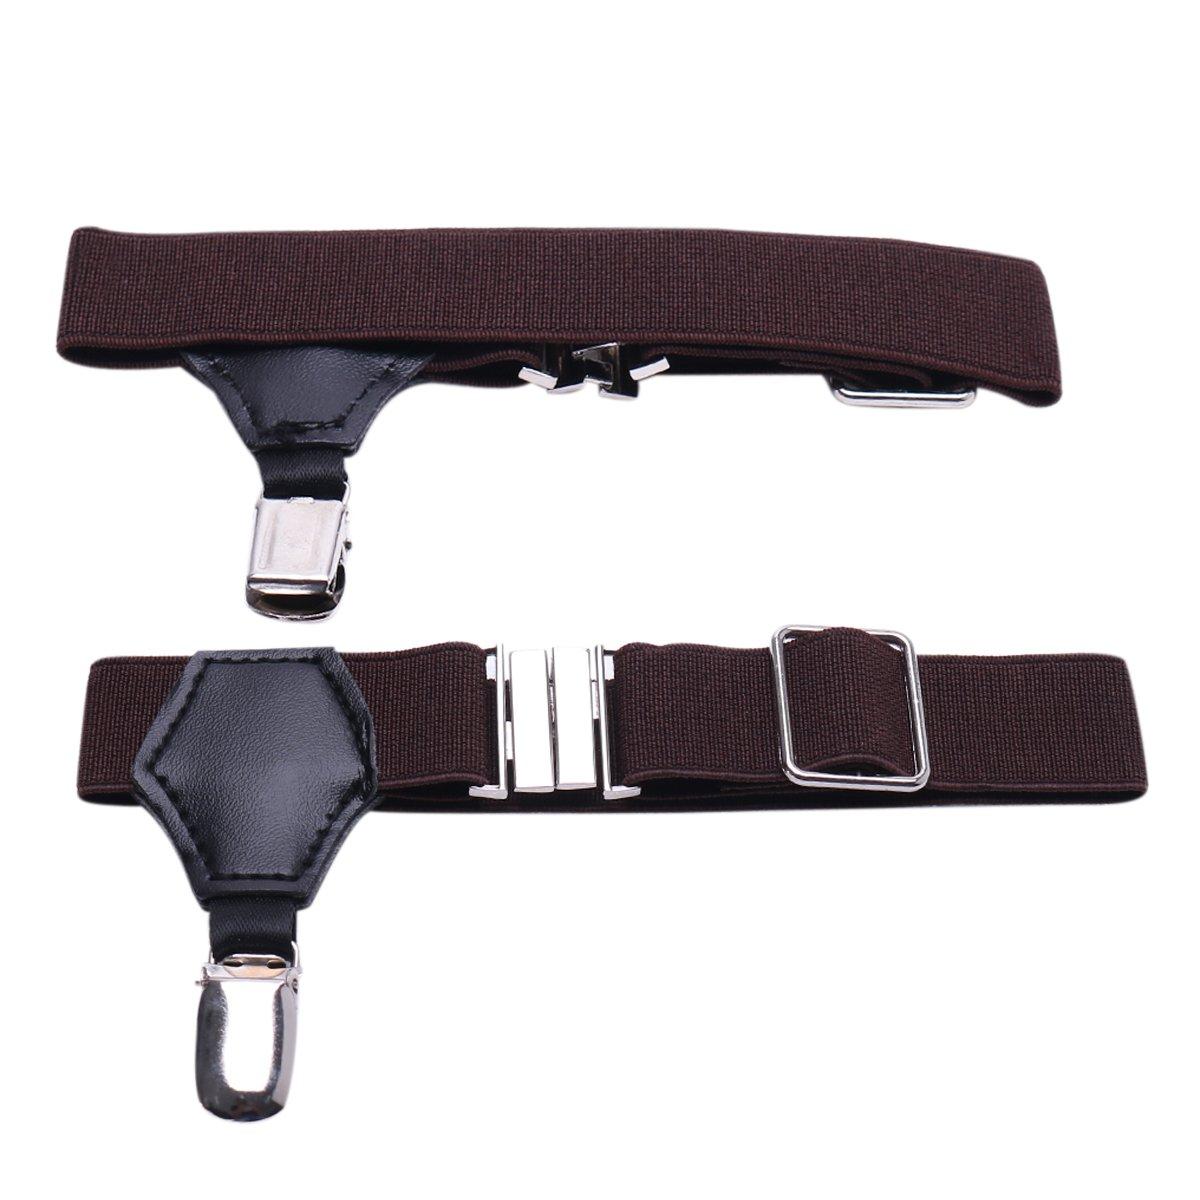 YiZYiF Men's Sock Garters Belt Suspender with Non-slip Double Clips Brown